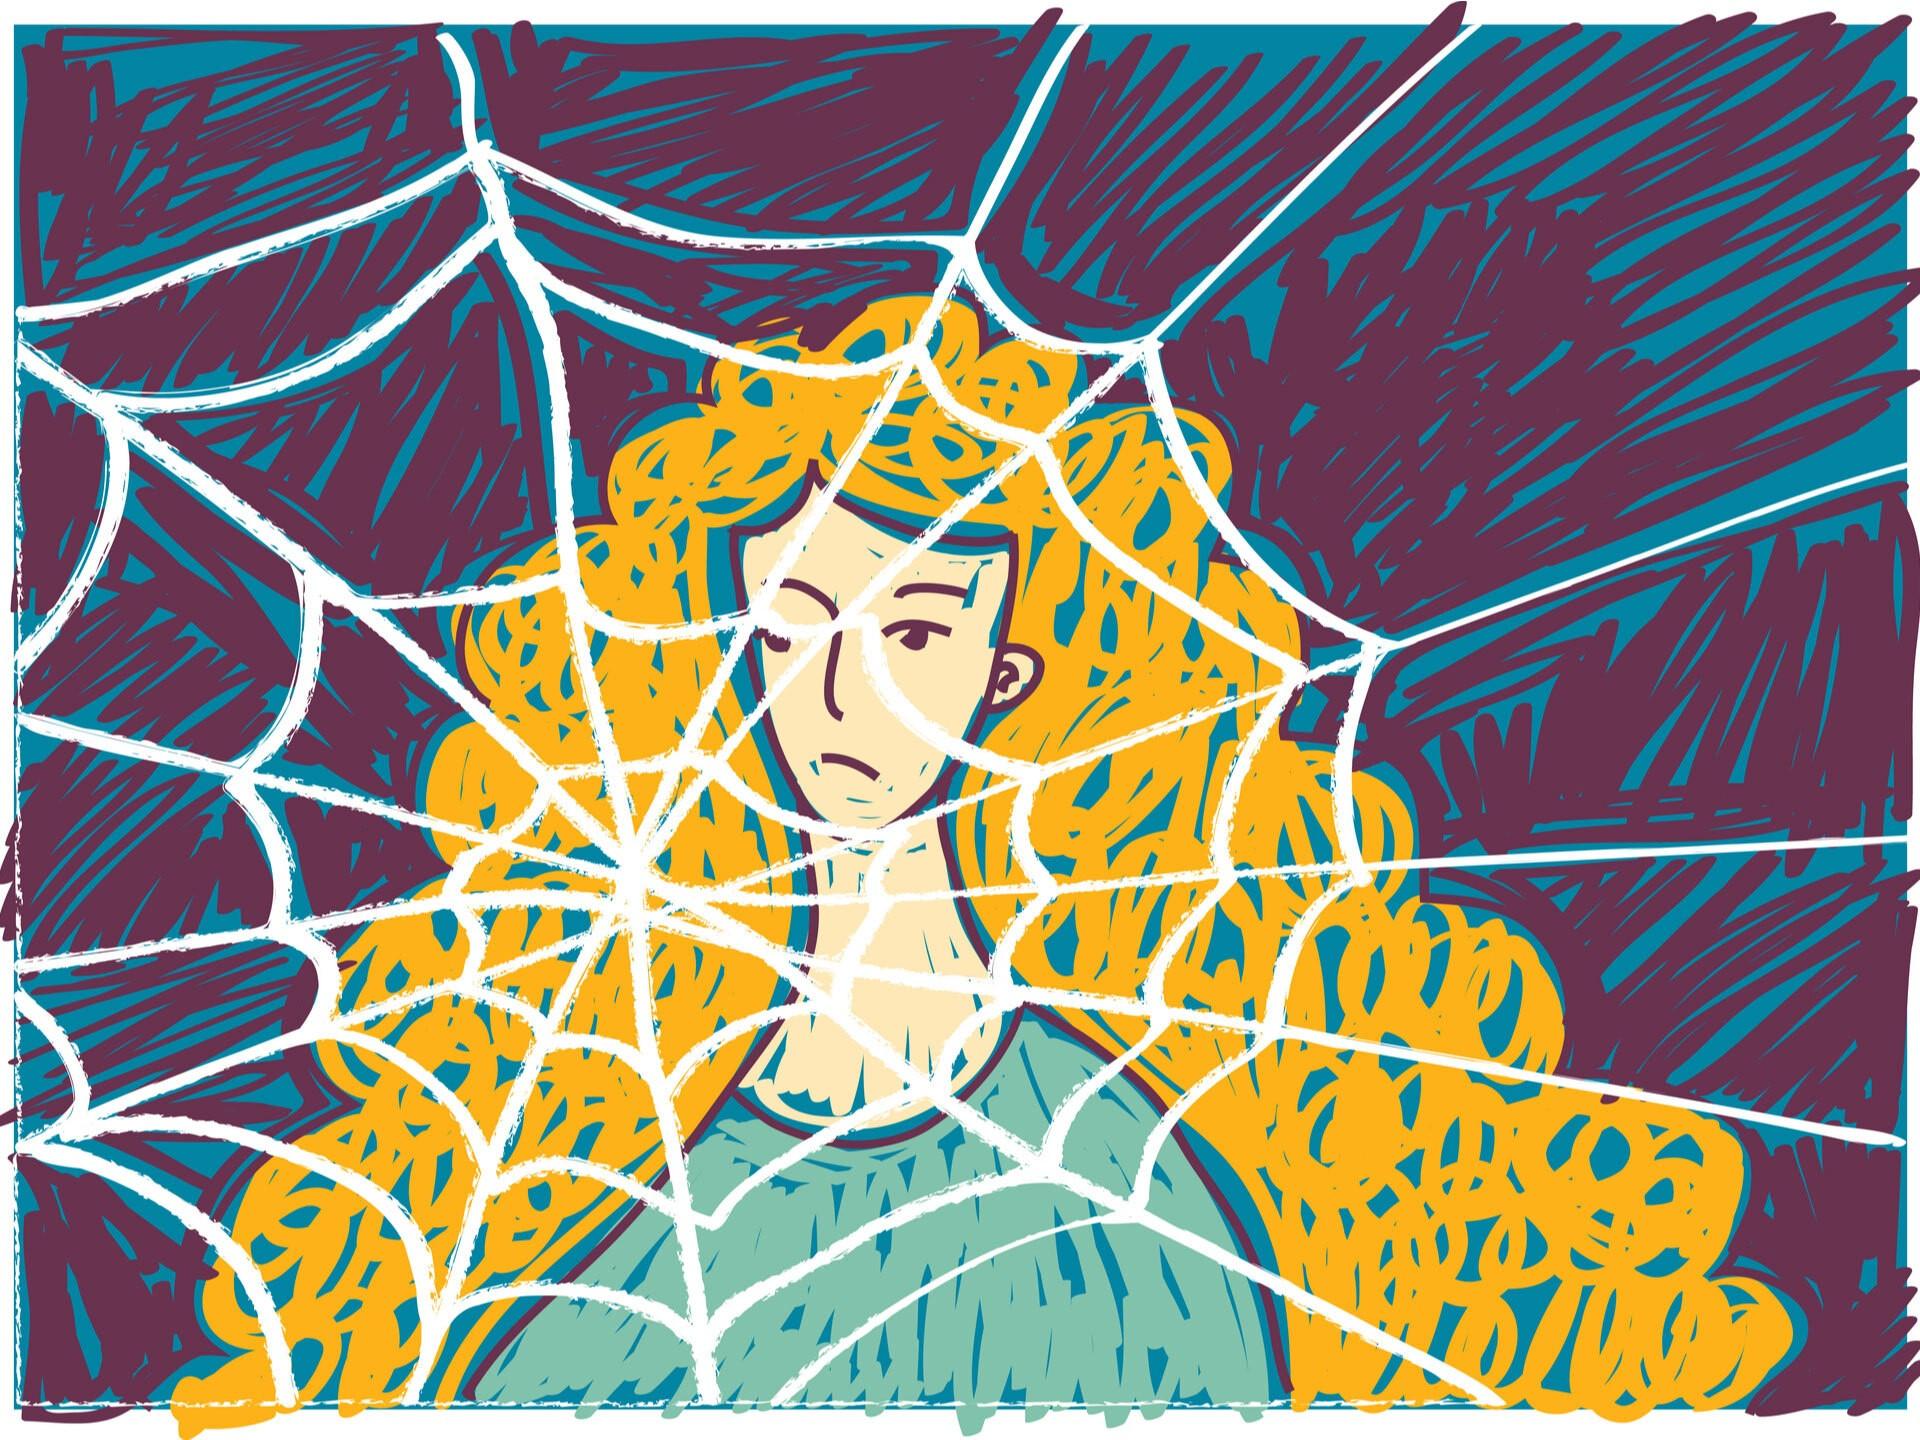 抑えきれない怒りの症状は「PMDD」かも。PMSとどこが違う?